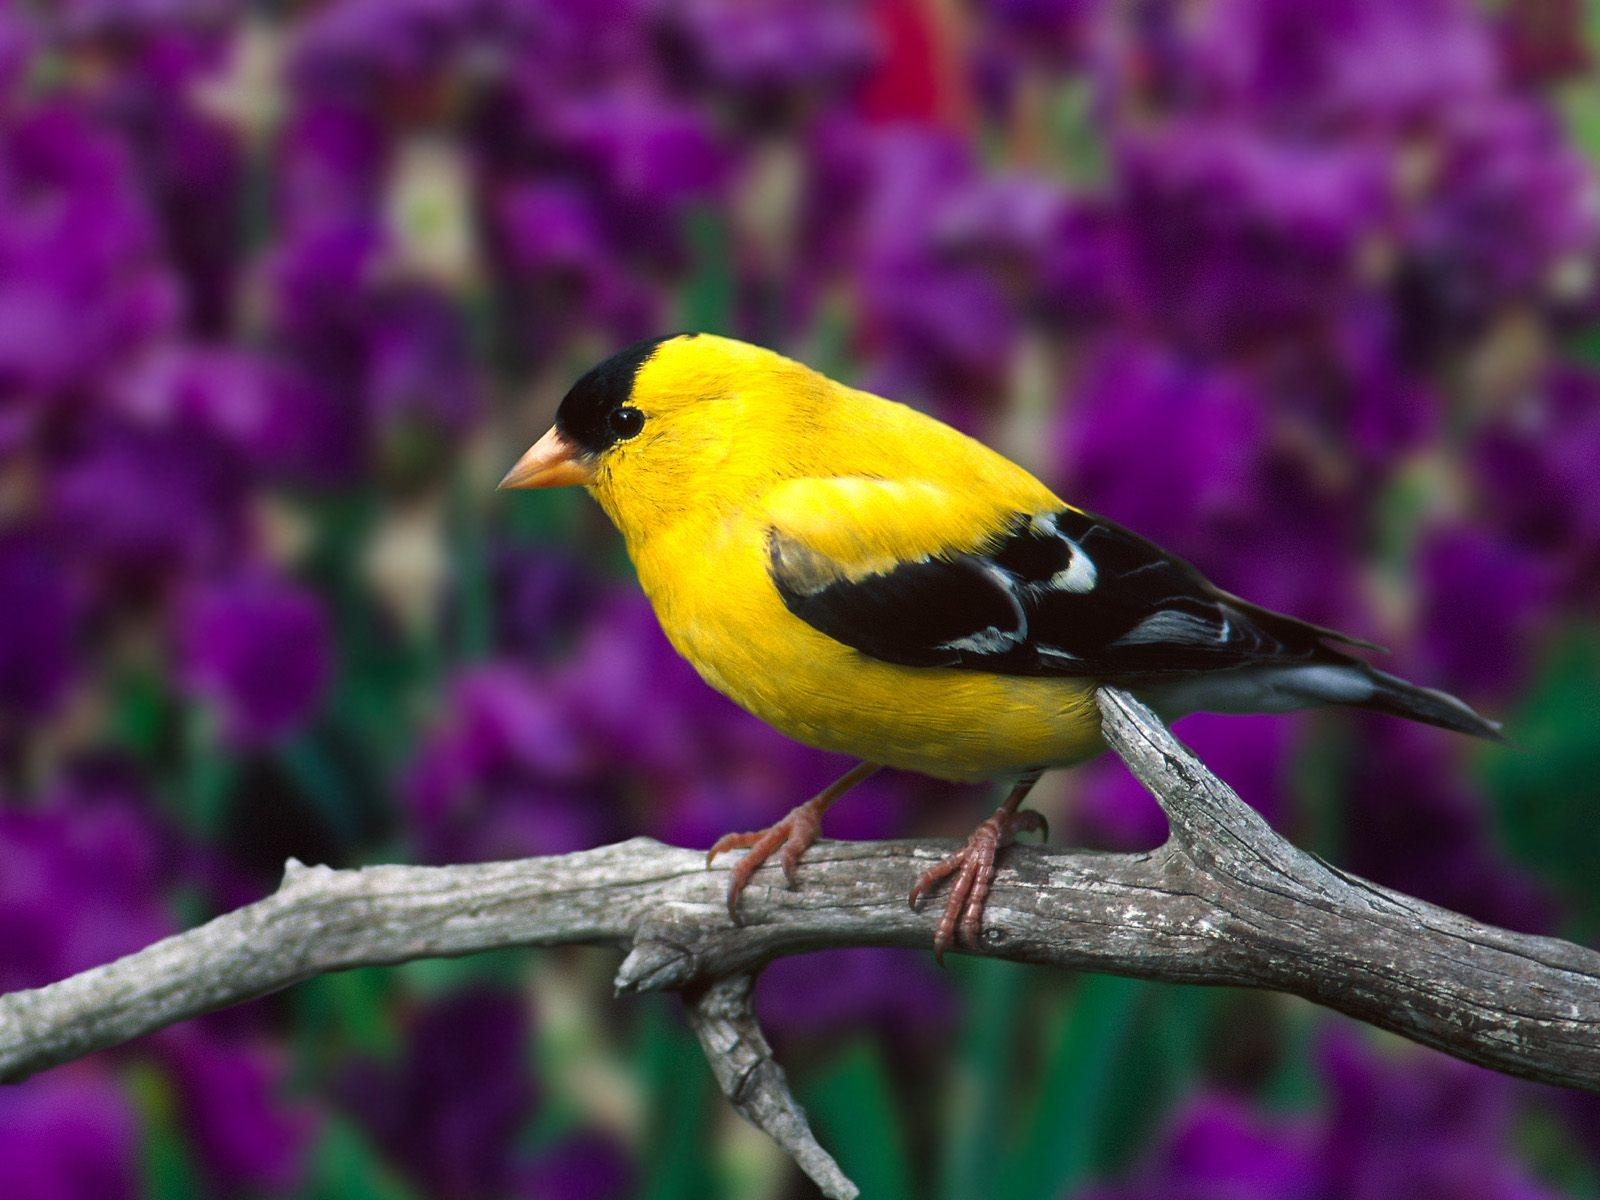 imagenes de pajarillos Aves%252C%2Bbirds%2By%2Bpajarillos%2Bcantores%2B1